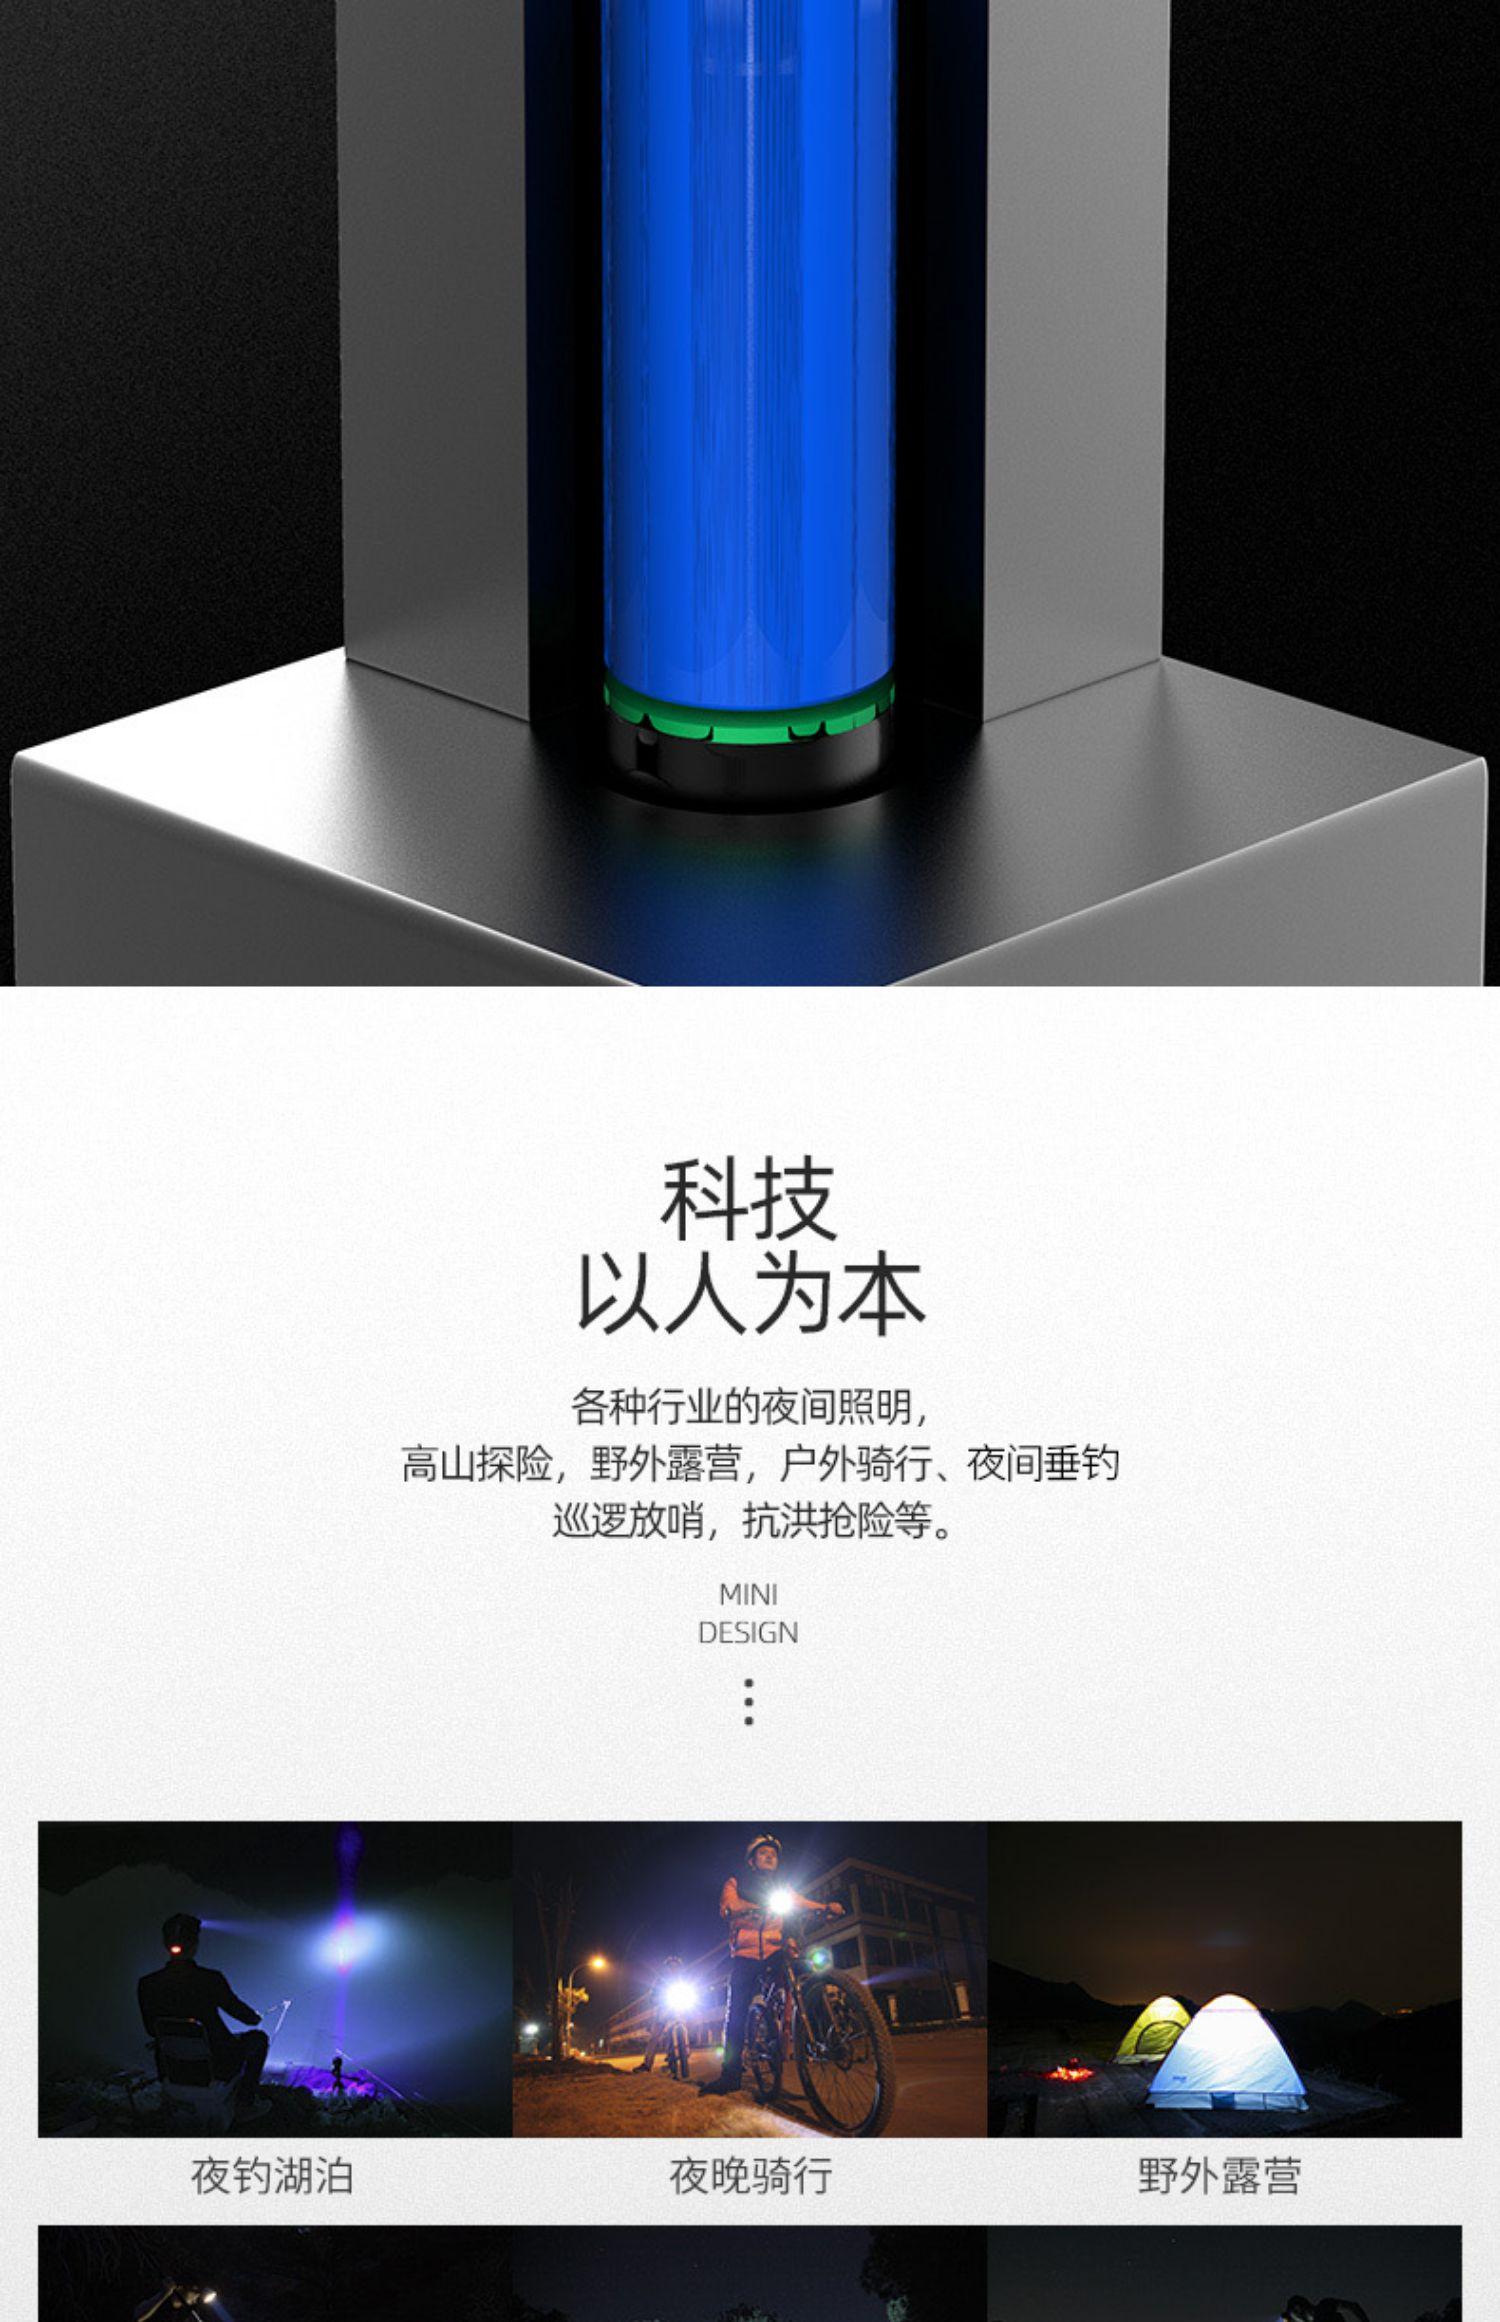 探露手电筒强光可充电超亮远射多功能USB迷你便携小家用户外led商品详情图